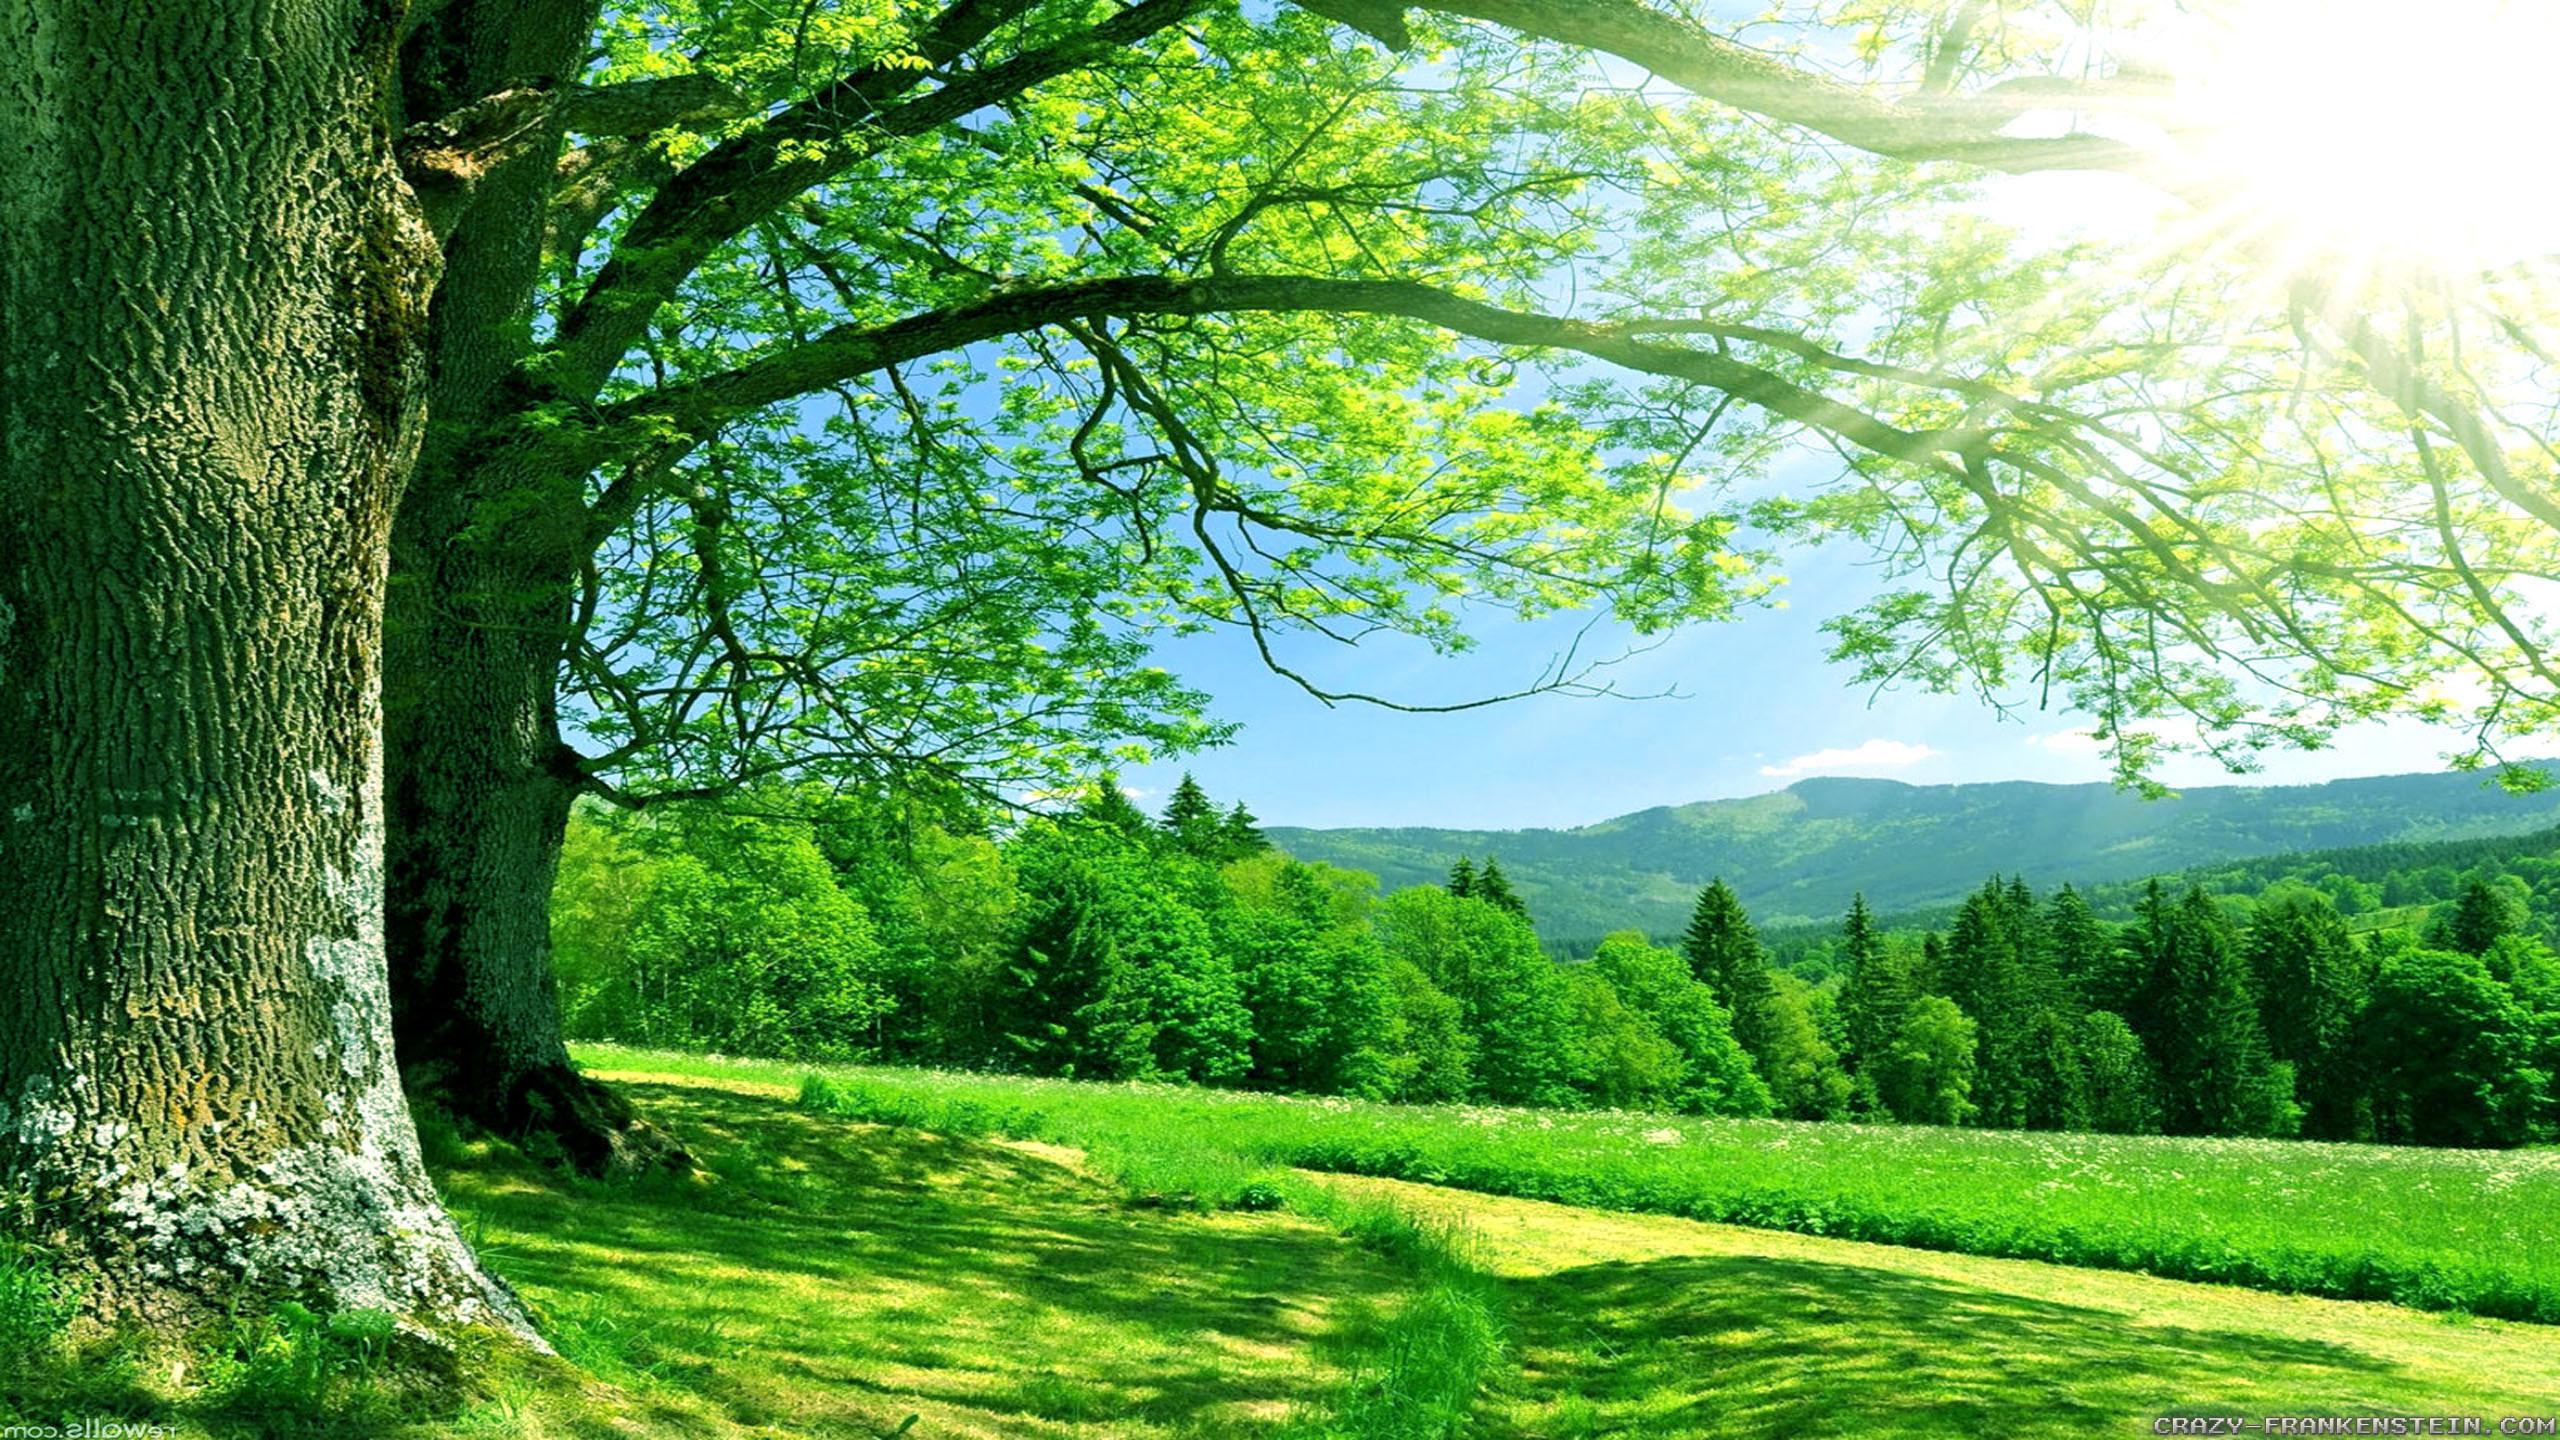 Nature Desktop Background (74+ Images